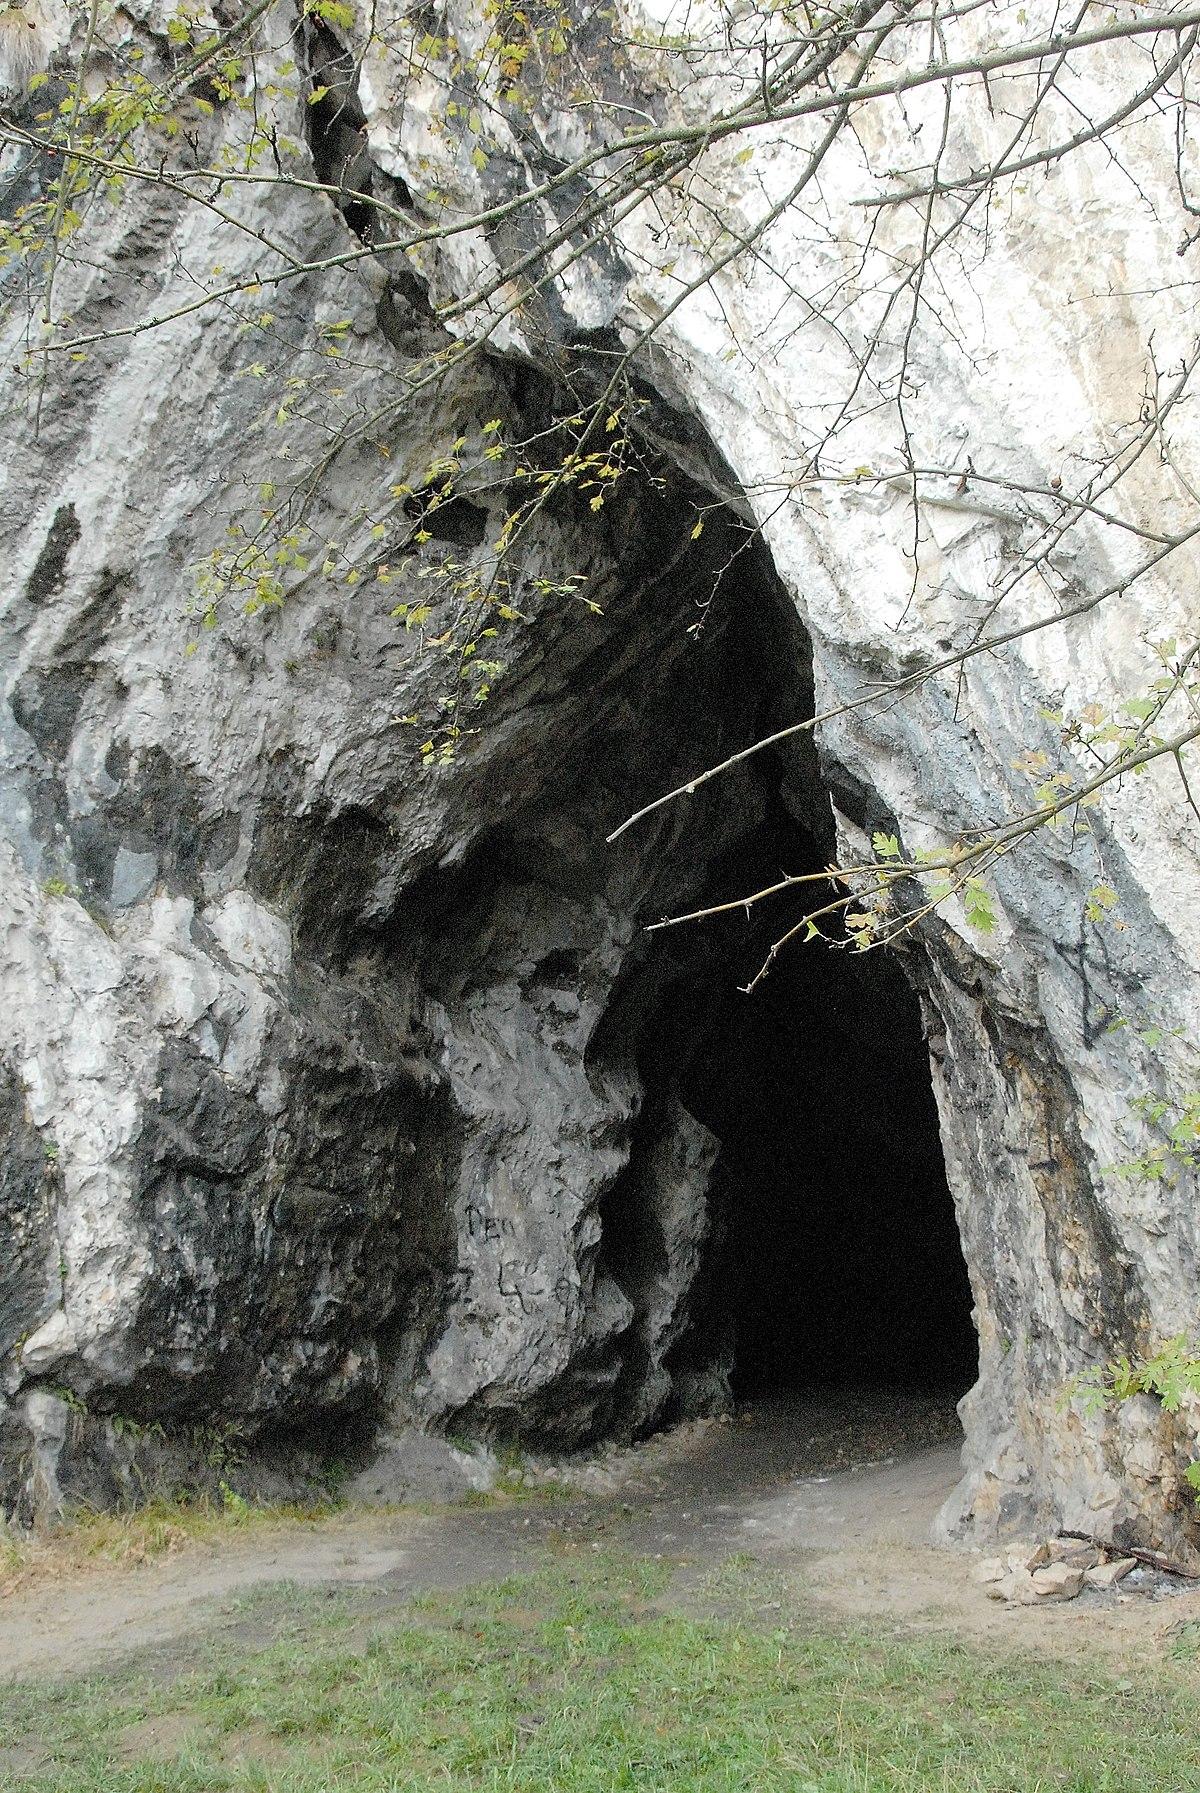 Datei:Warmbad Villach - Erlebnis blaklimos.com Wikipedia